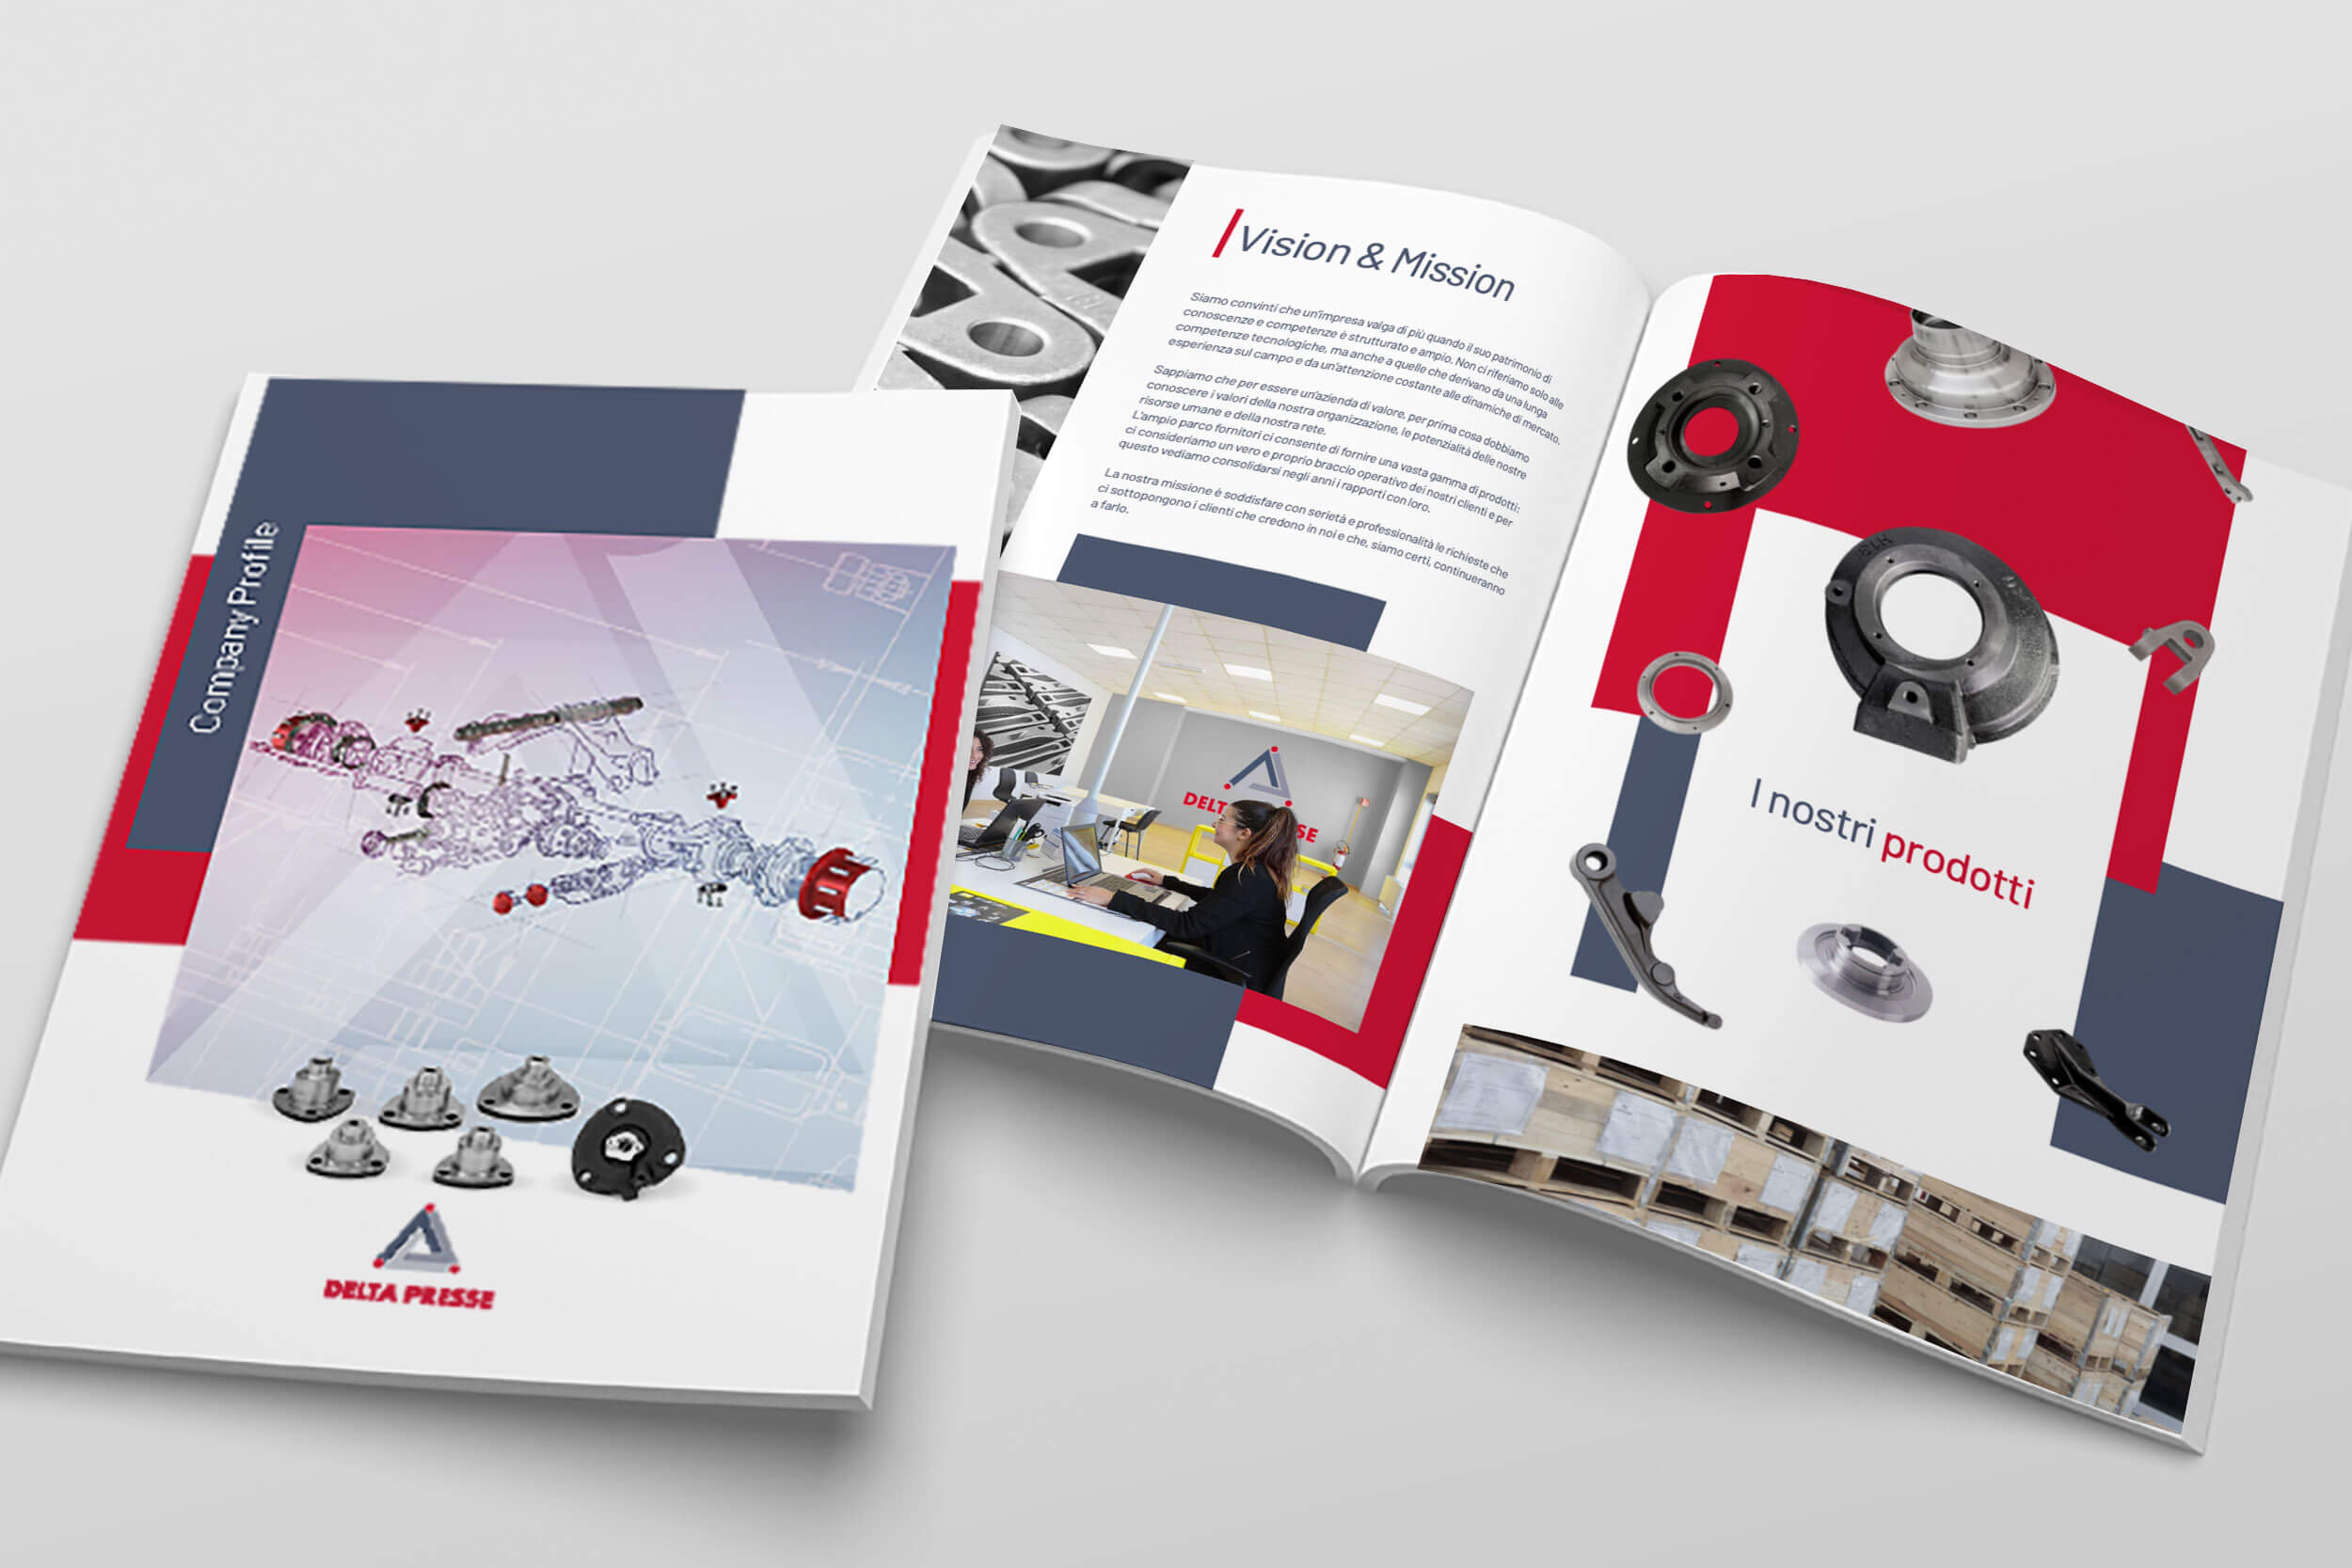 Delta Presse - Company Profile Torino